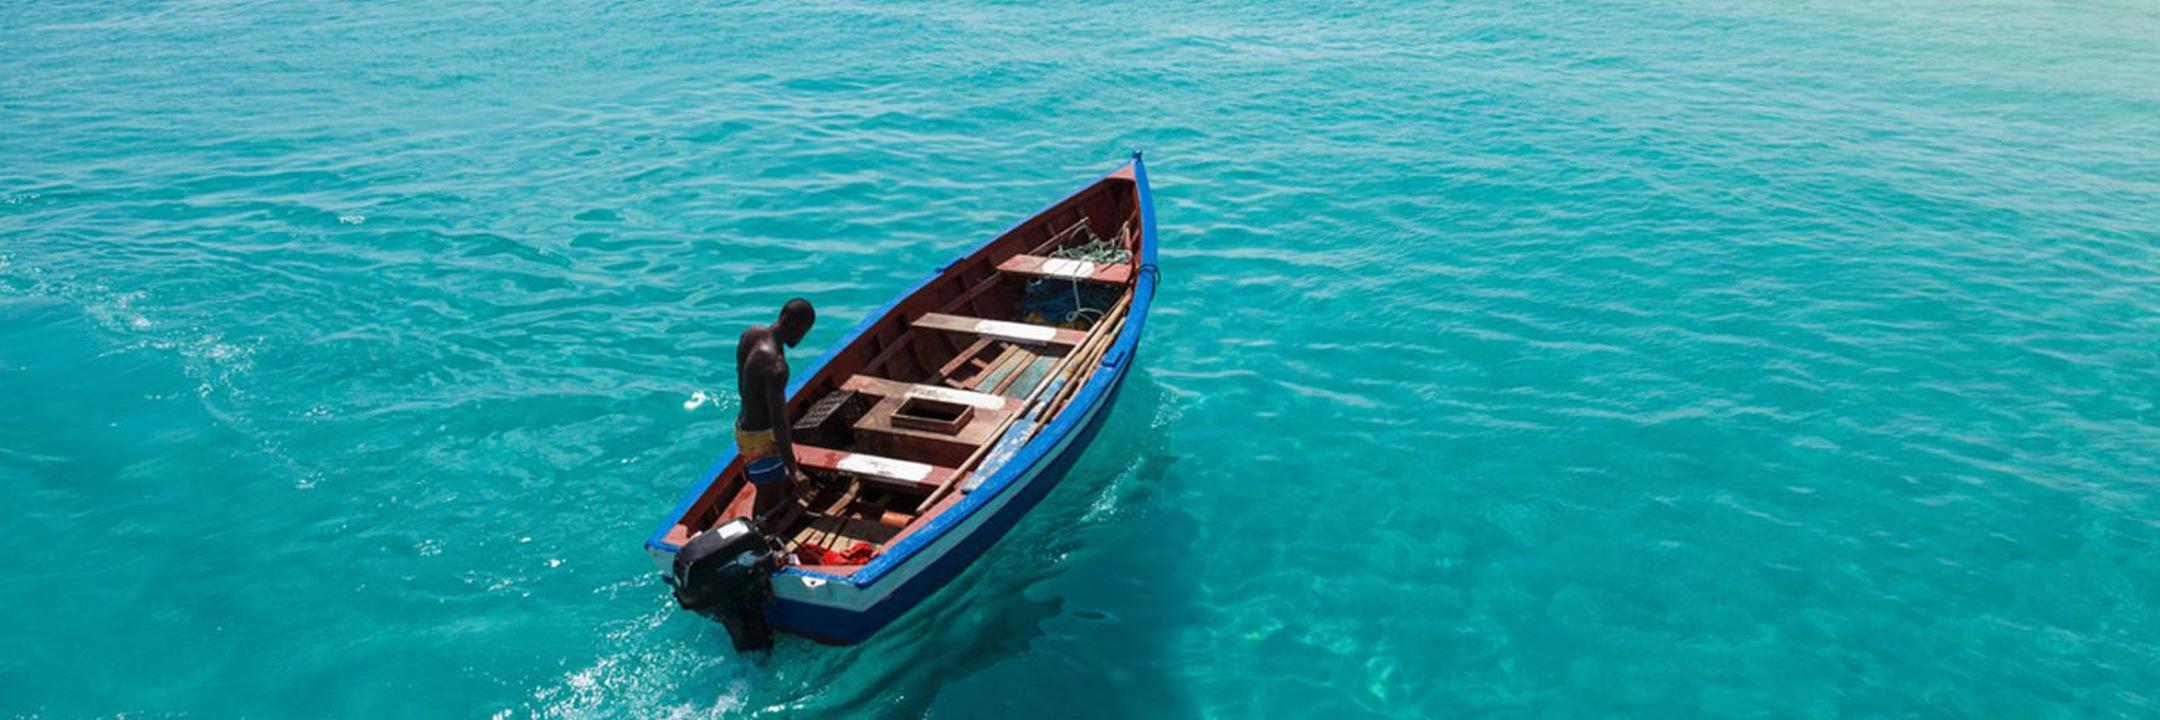 Destino ideal para umas férias românticas